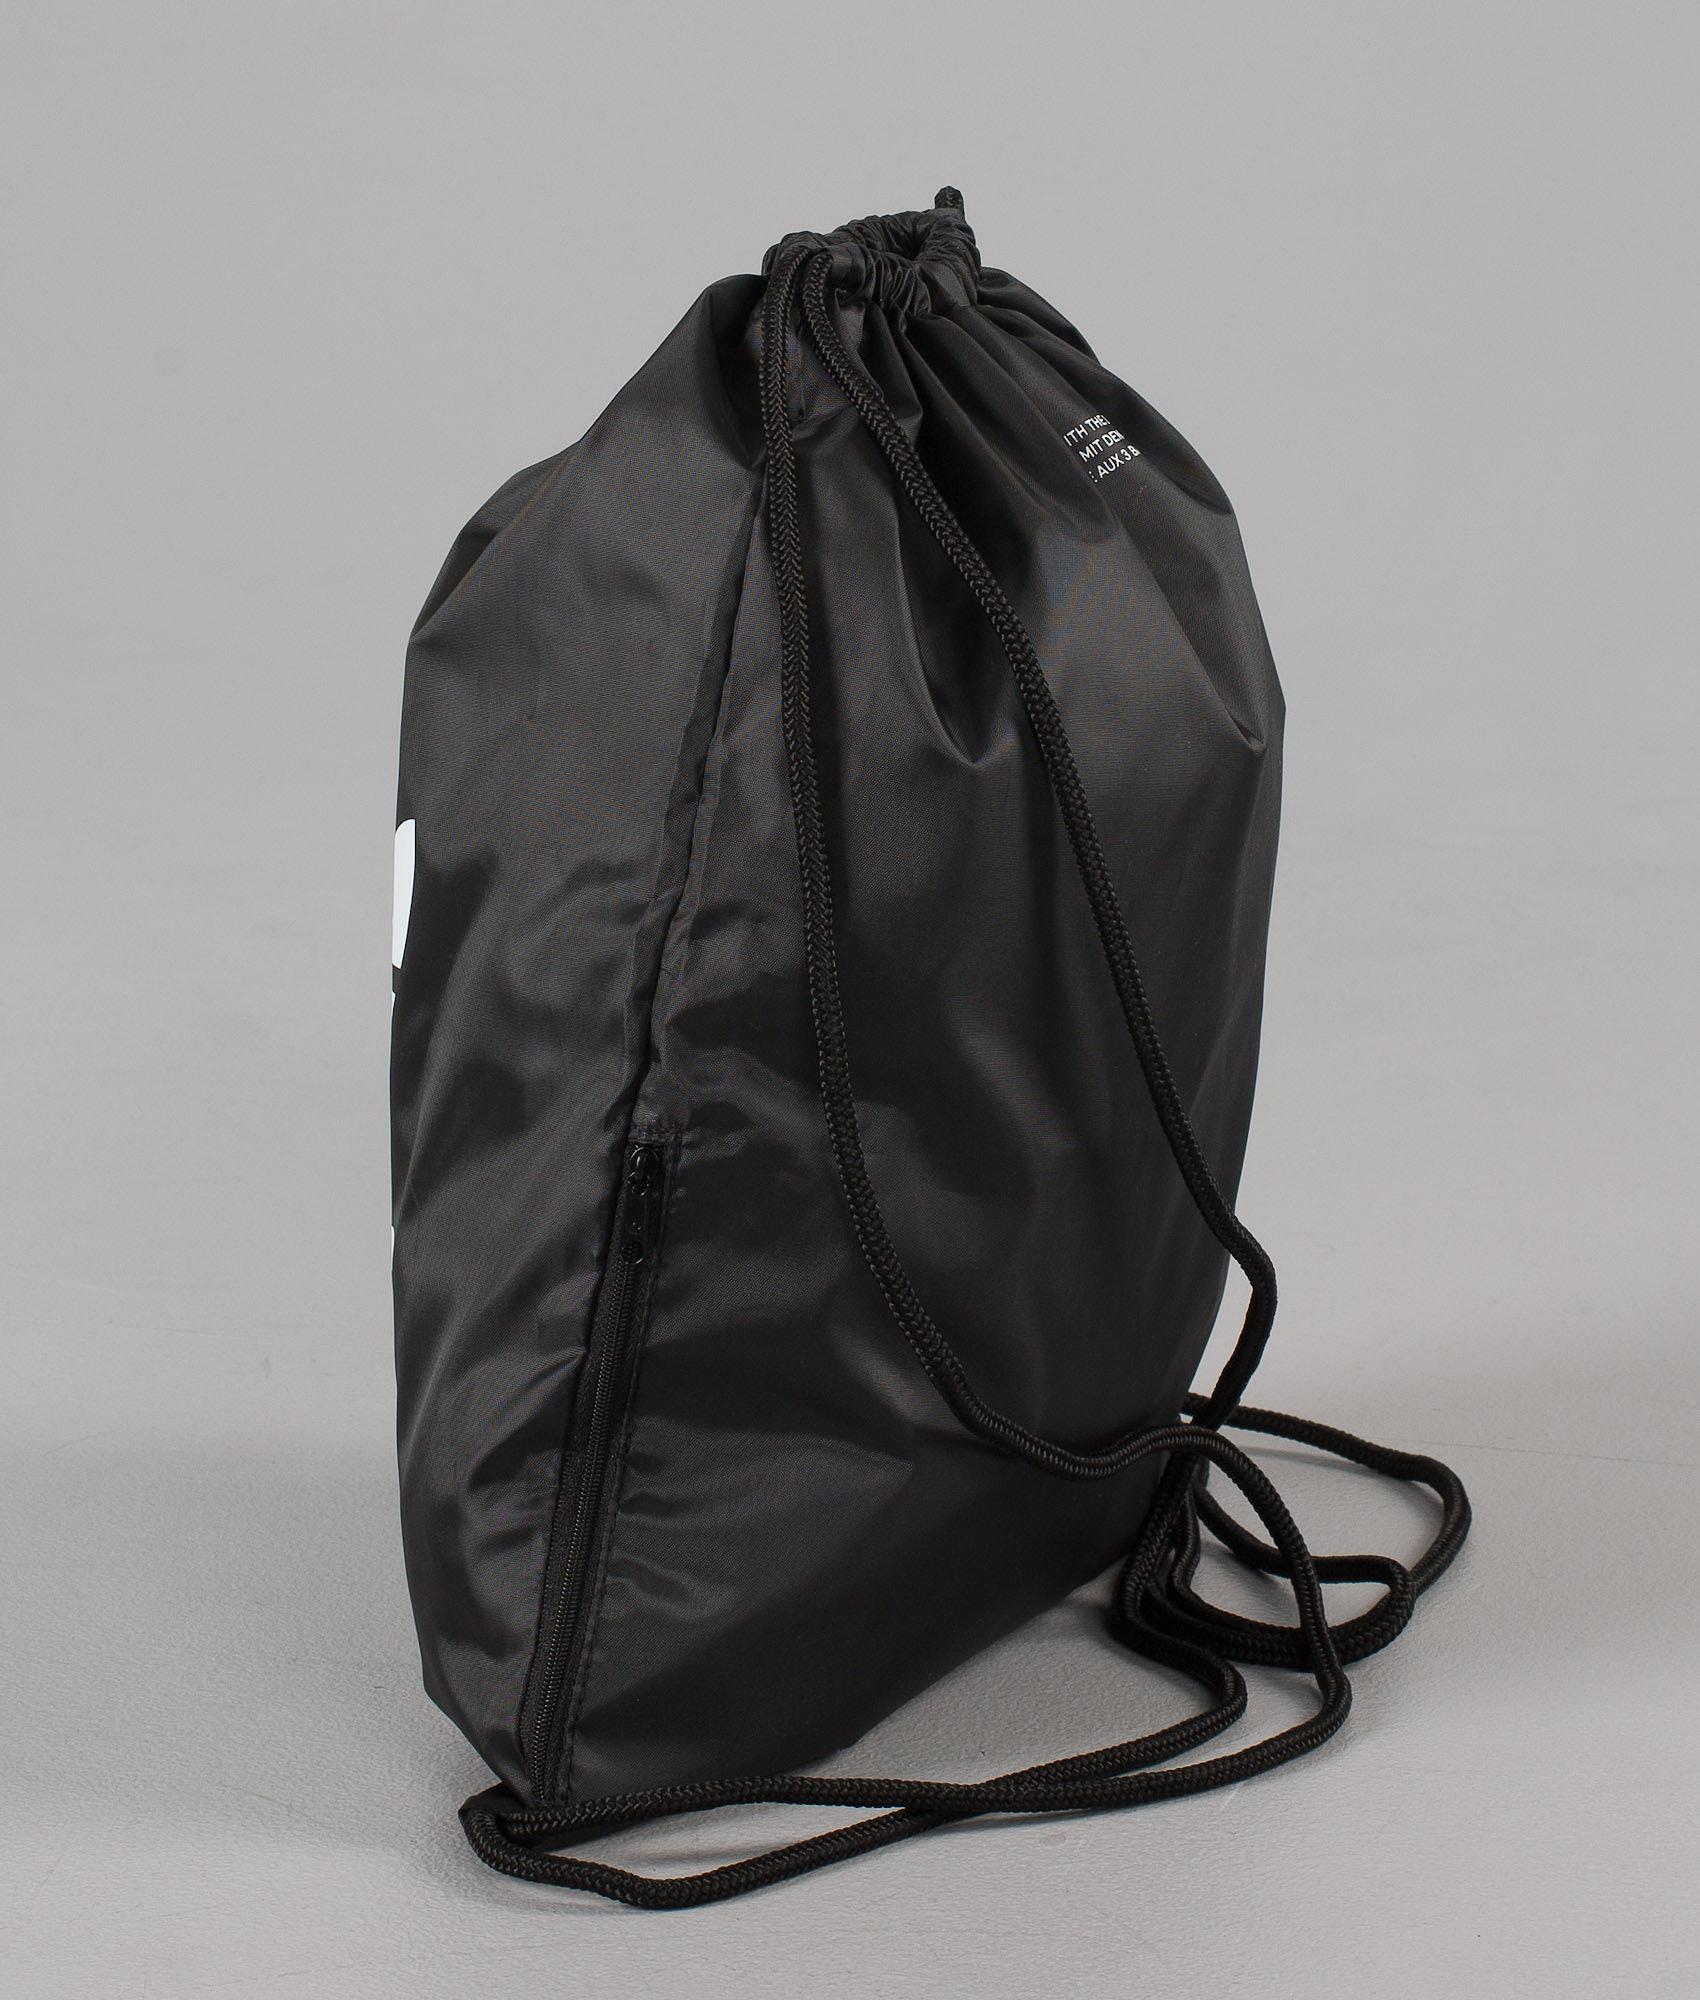 newest ded31 3231a Adidas Originals Gymsack Trefoil Bag